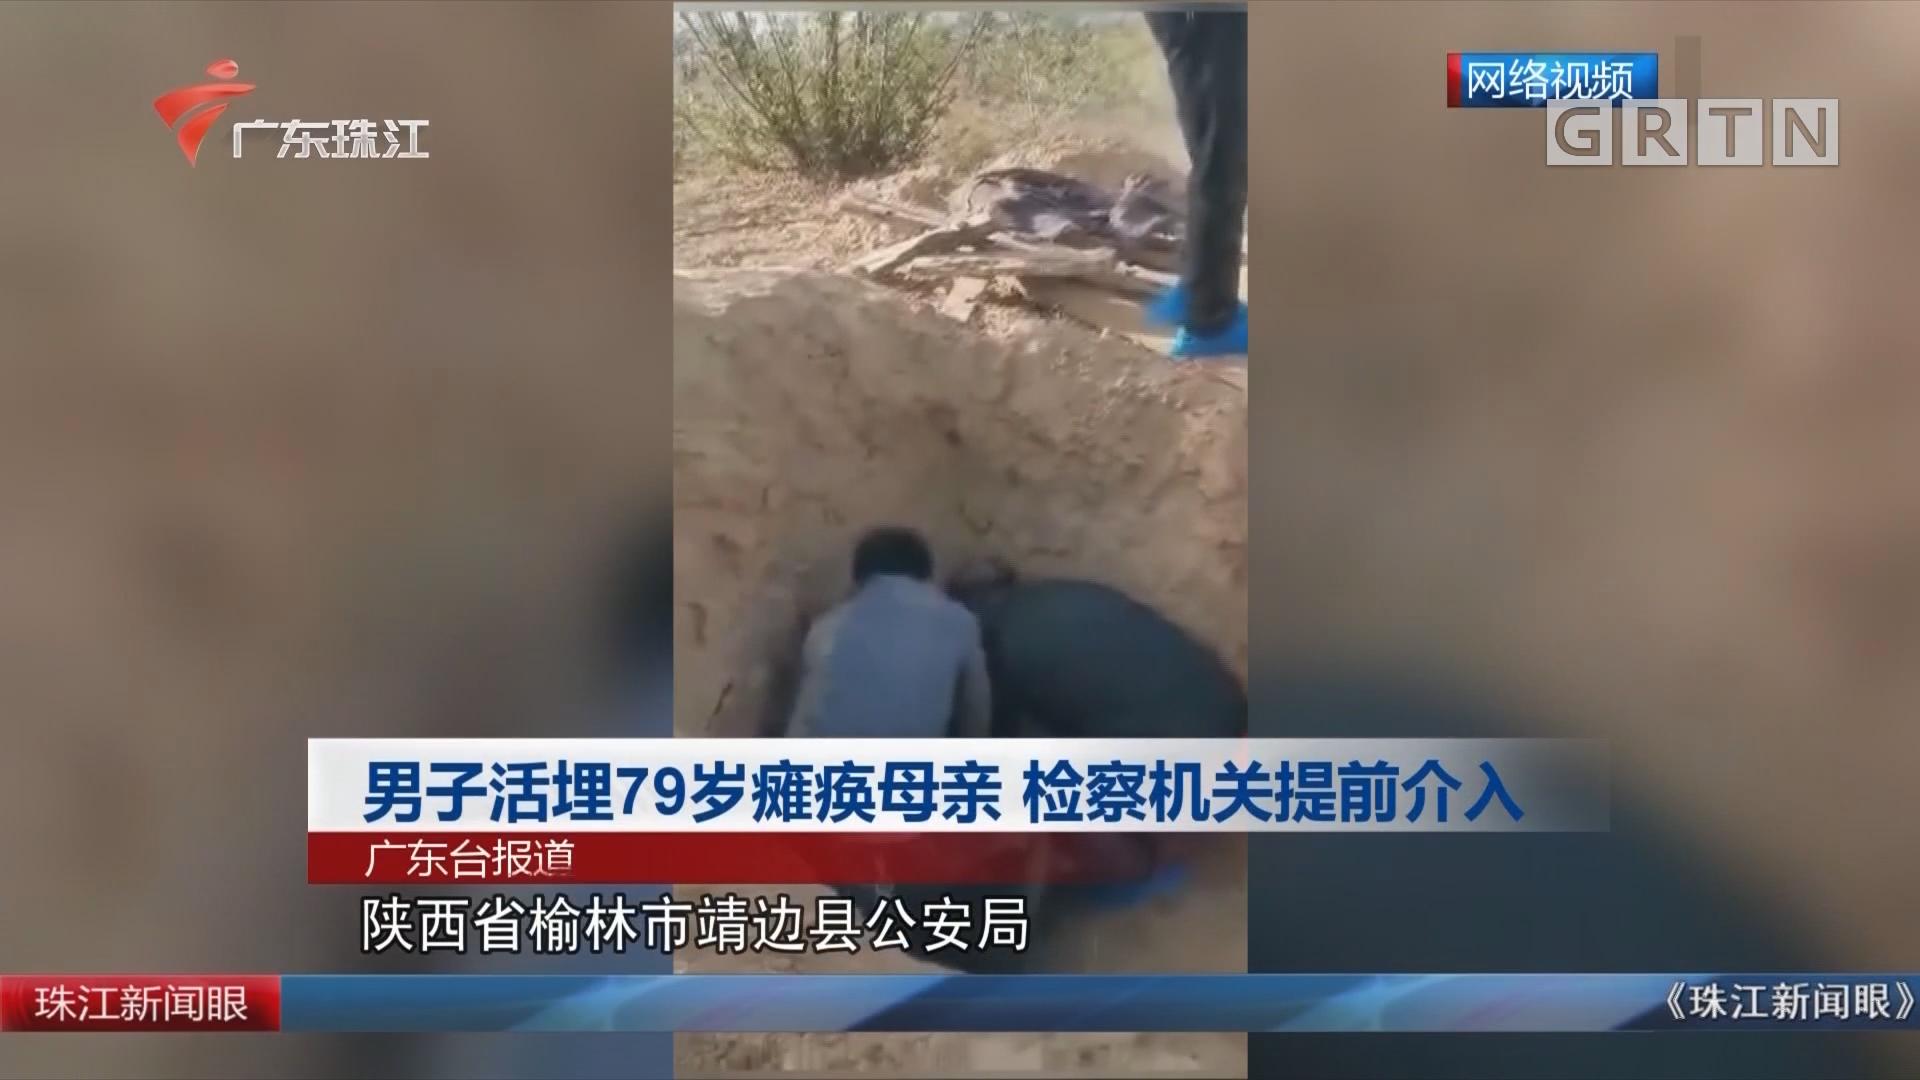 男子活埋79歲癱瘓母親 檢察機關提前介入